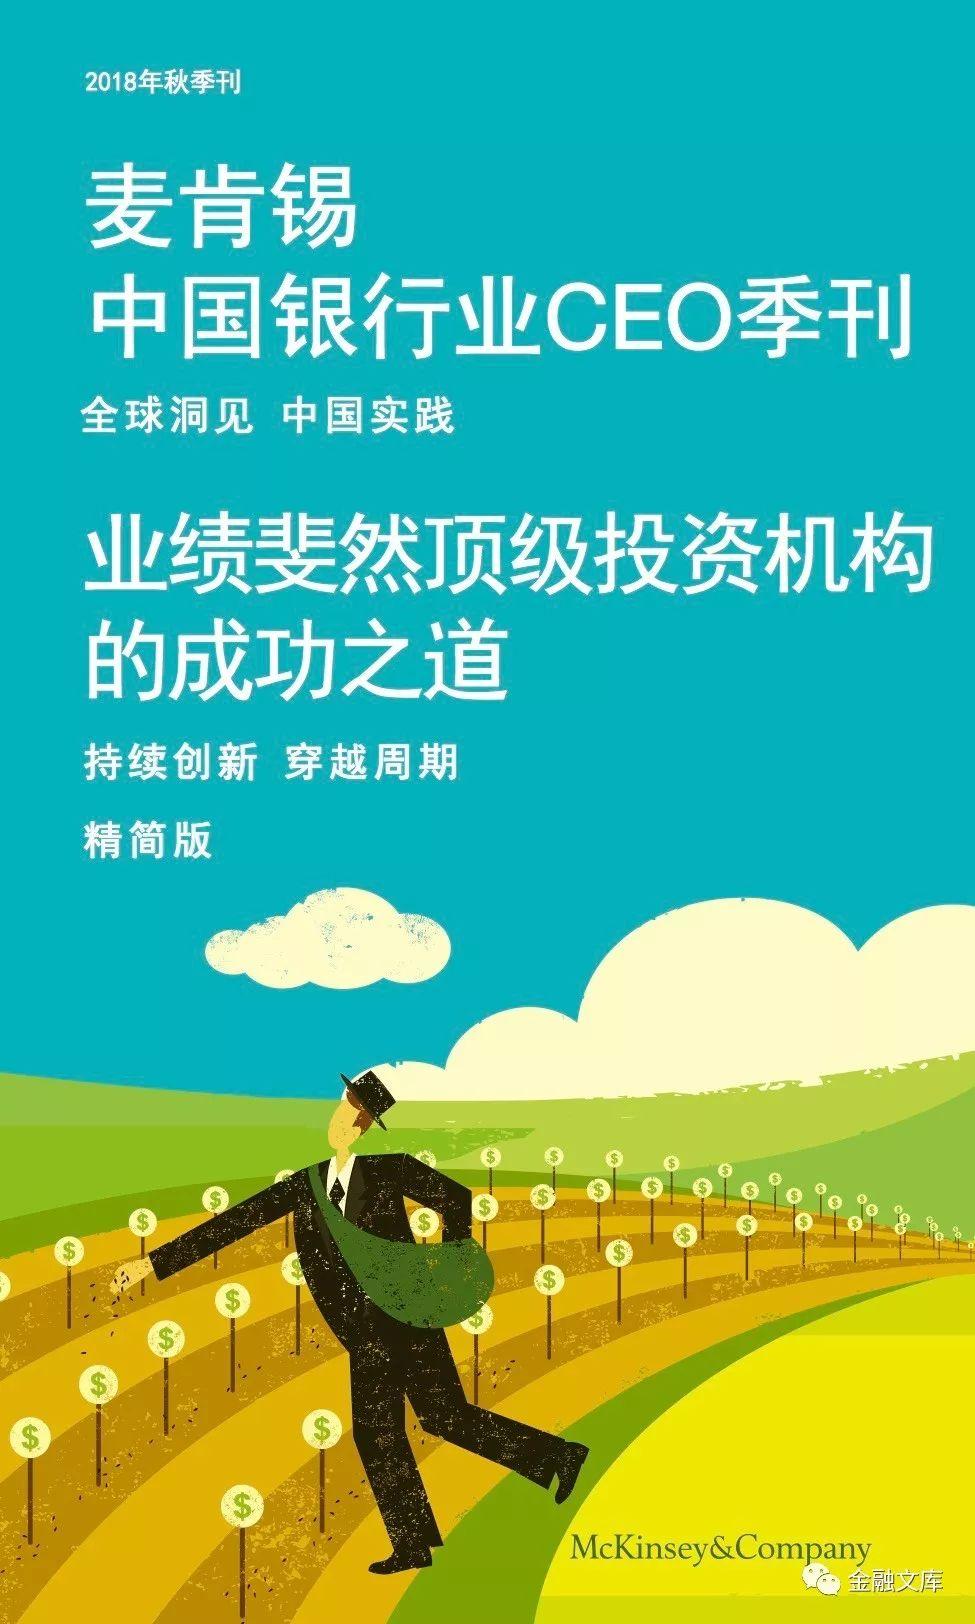 麦肯锡:2018第三季度中国银行业CEO季刊——业绩斐然顶级投资机构的成功之道